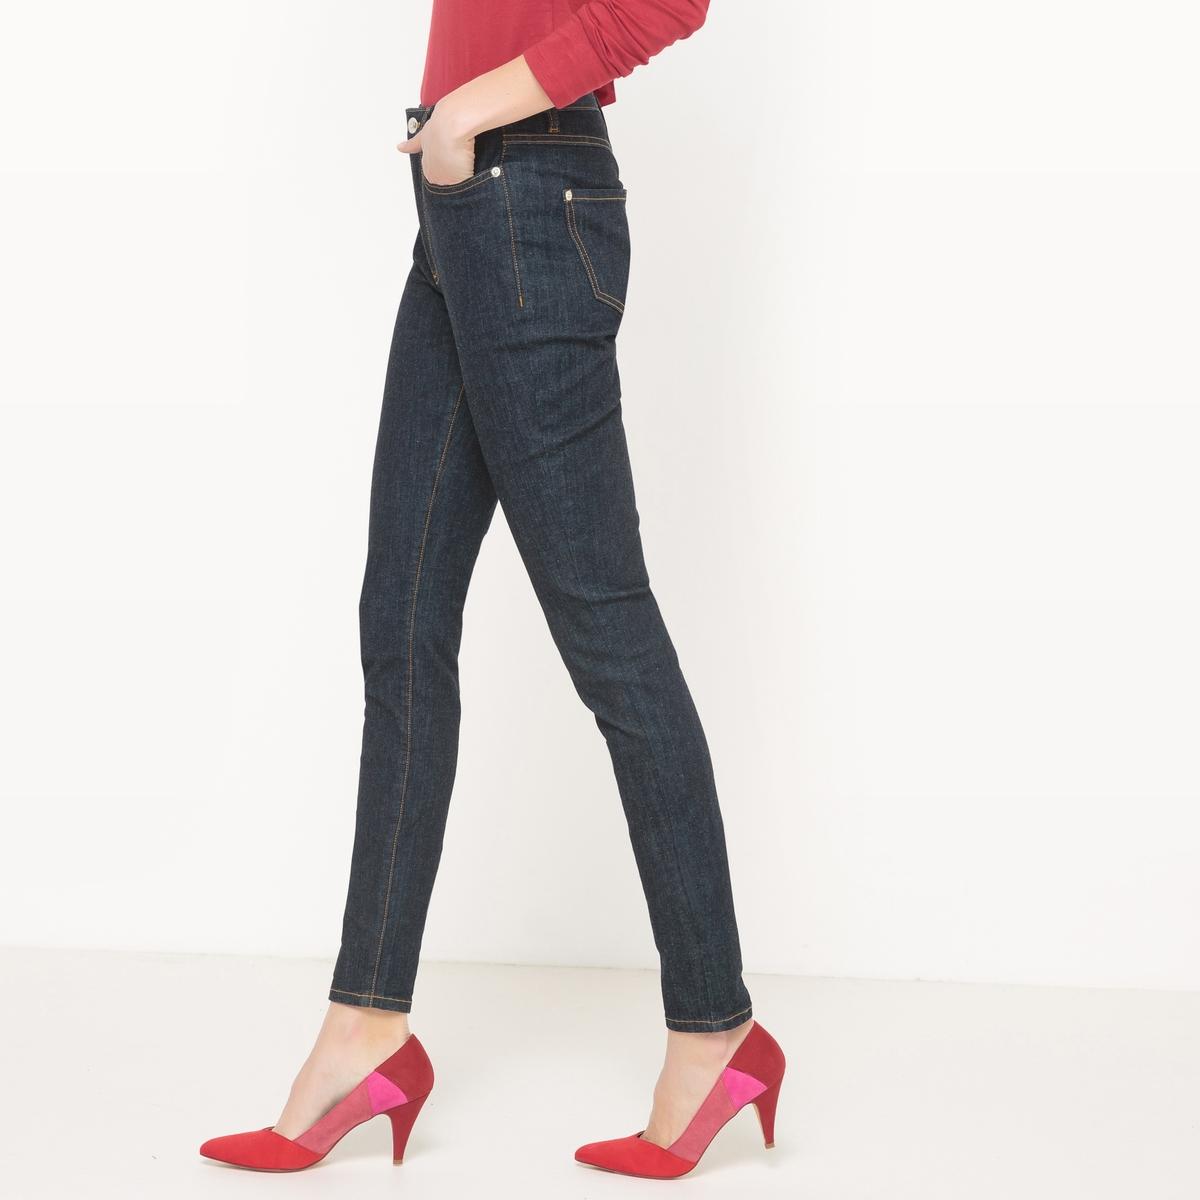 Джинсы скинни с завышенной талией, Ultra Power StretchМатериал : 98% хлопка, 2% эластана для черного цвета 86% хлопка, 11% эластомультиэстера, 3% эластана для синего и серого цвета             Высота пояса : высокий пояс            Покрой джинсов : скинни            Длина джинсов : длина 30, 32, 34              Стирка : машинная стирка при 30 °С в деликатном режиме, стирать с вещами схожих цветов с изнаночной стороны            Уход : гладить при умеренной температуре / отбеливание запрещено            Машинная сушка : в умеренном режиме            Глажка : при умеренной температуре с изнаночной стороны<br><br>Цвет: синий потертый,темно-синий,черный<br>Размер: 33 длина 34.29 длина 34.28 (US) длина 32.27 длина 32.26 длина 32.33 длина 34.33 длина 30.32 длина 34.32 длина 30.30 длина 34.29 длина 32.26 длина 32.25 длина 32.25 длина 30.33 длина 32.31 длина 34.31 длина 32.29 длина 34.29 длина 32.27 длина 34.25 длина 32.25 длина 30.28 длина 30